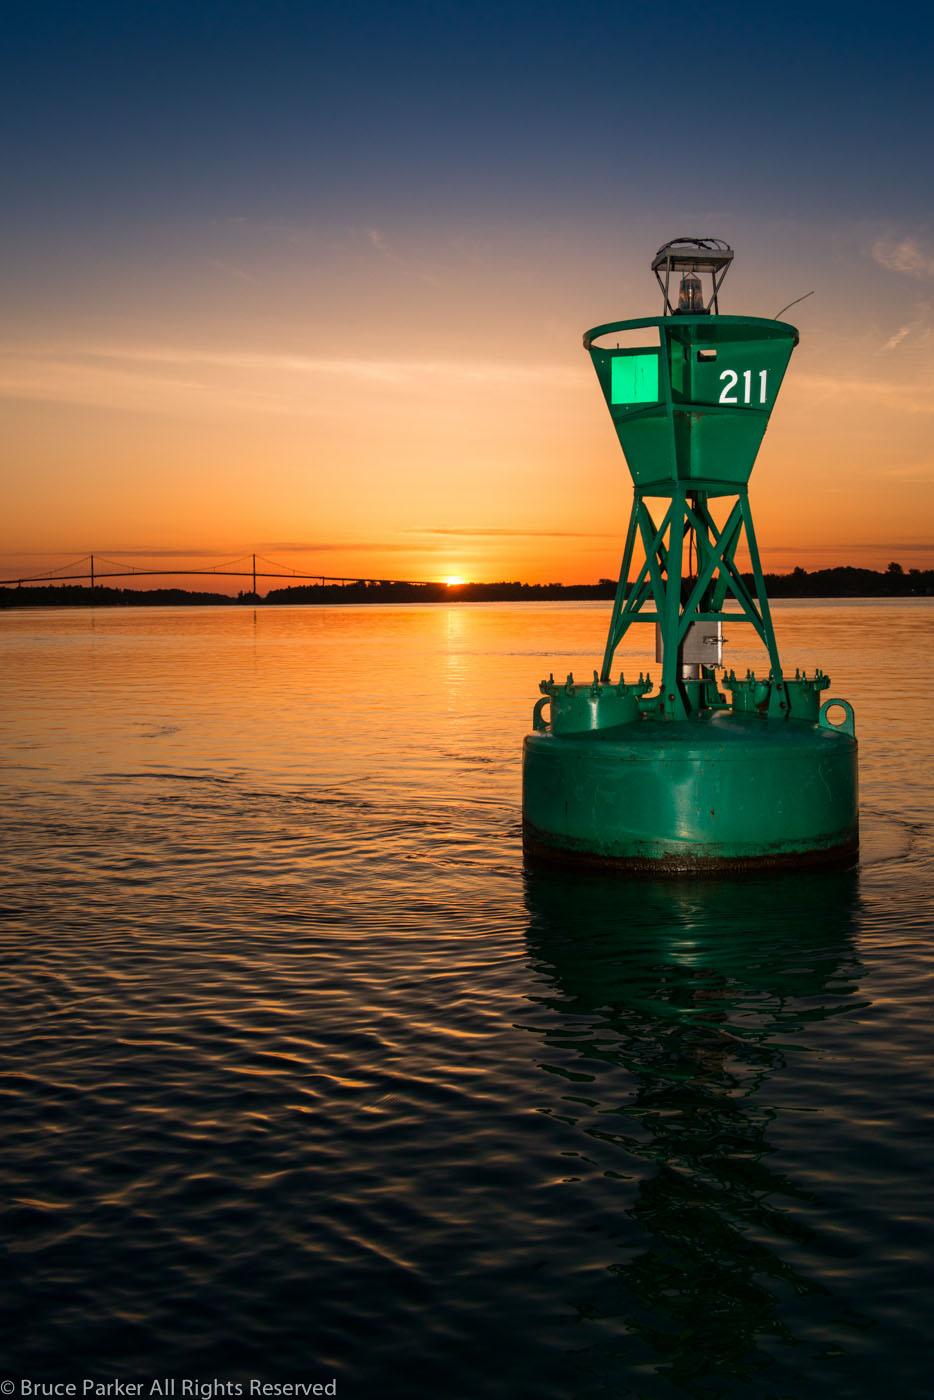 Buoy 211